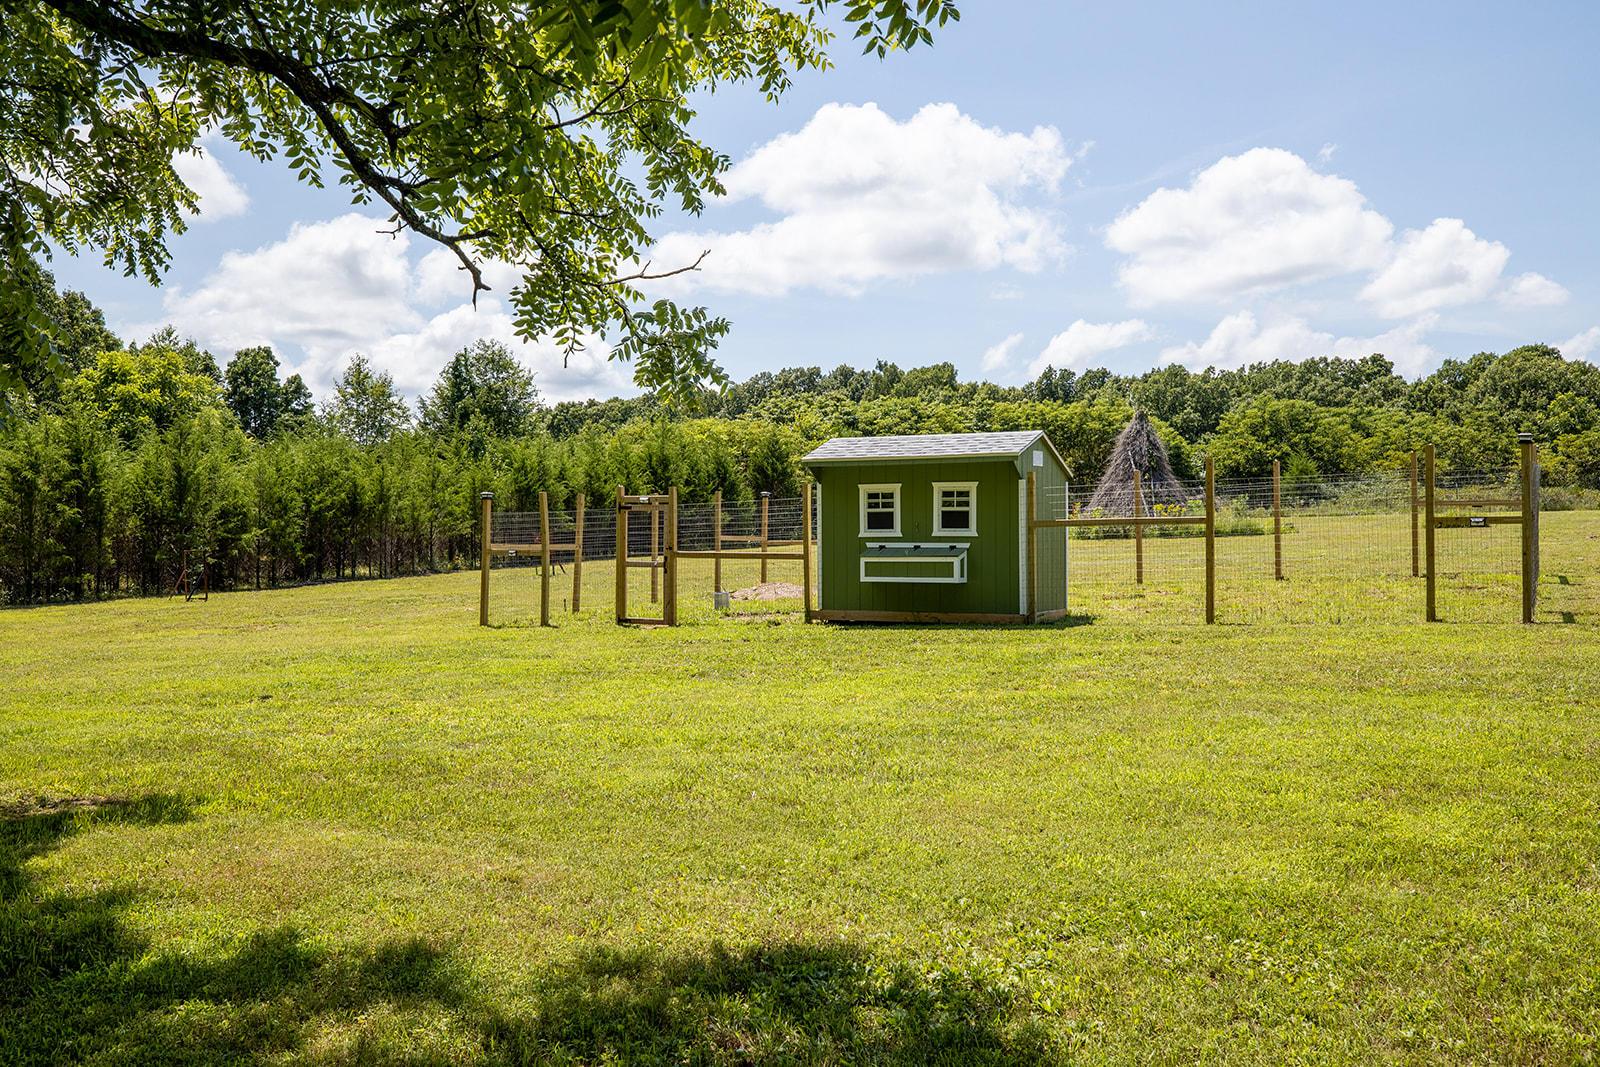 6761 North Farm Rd Strafford, MO 65757